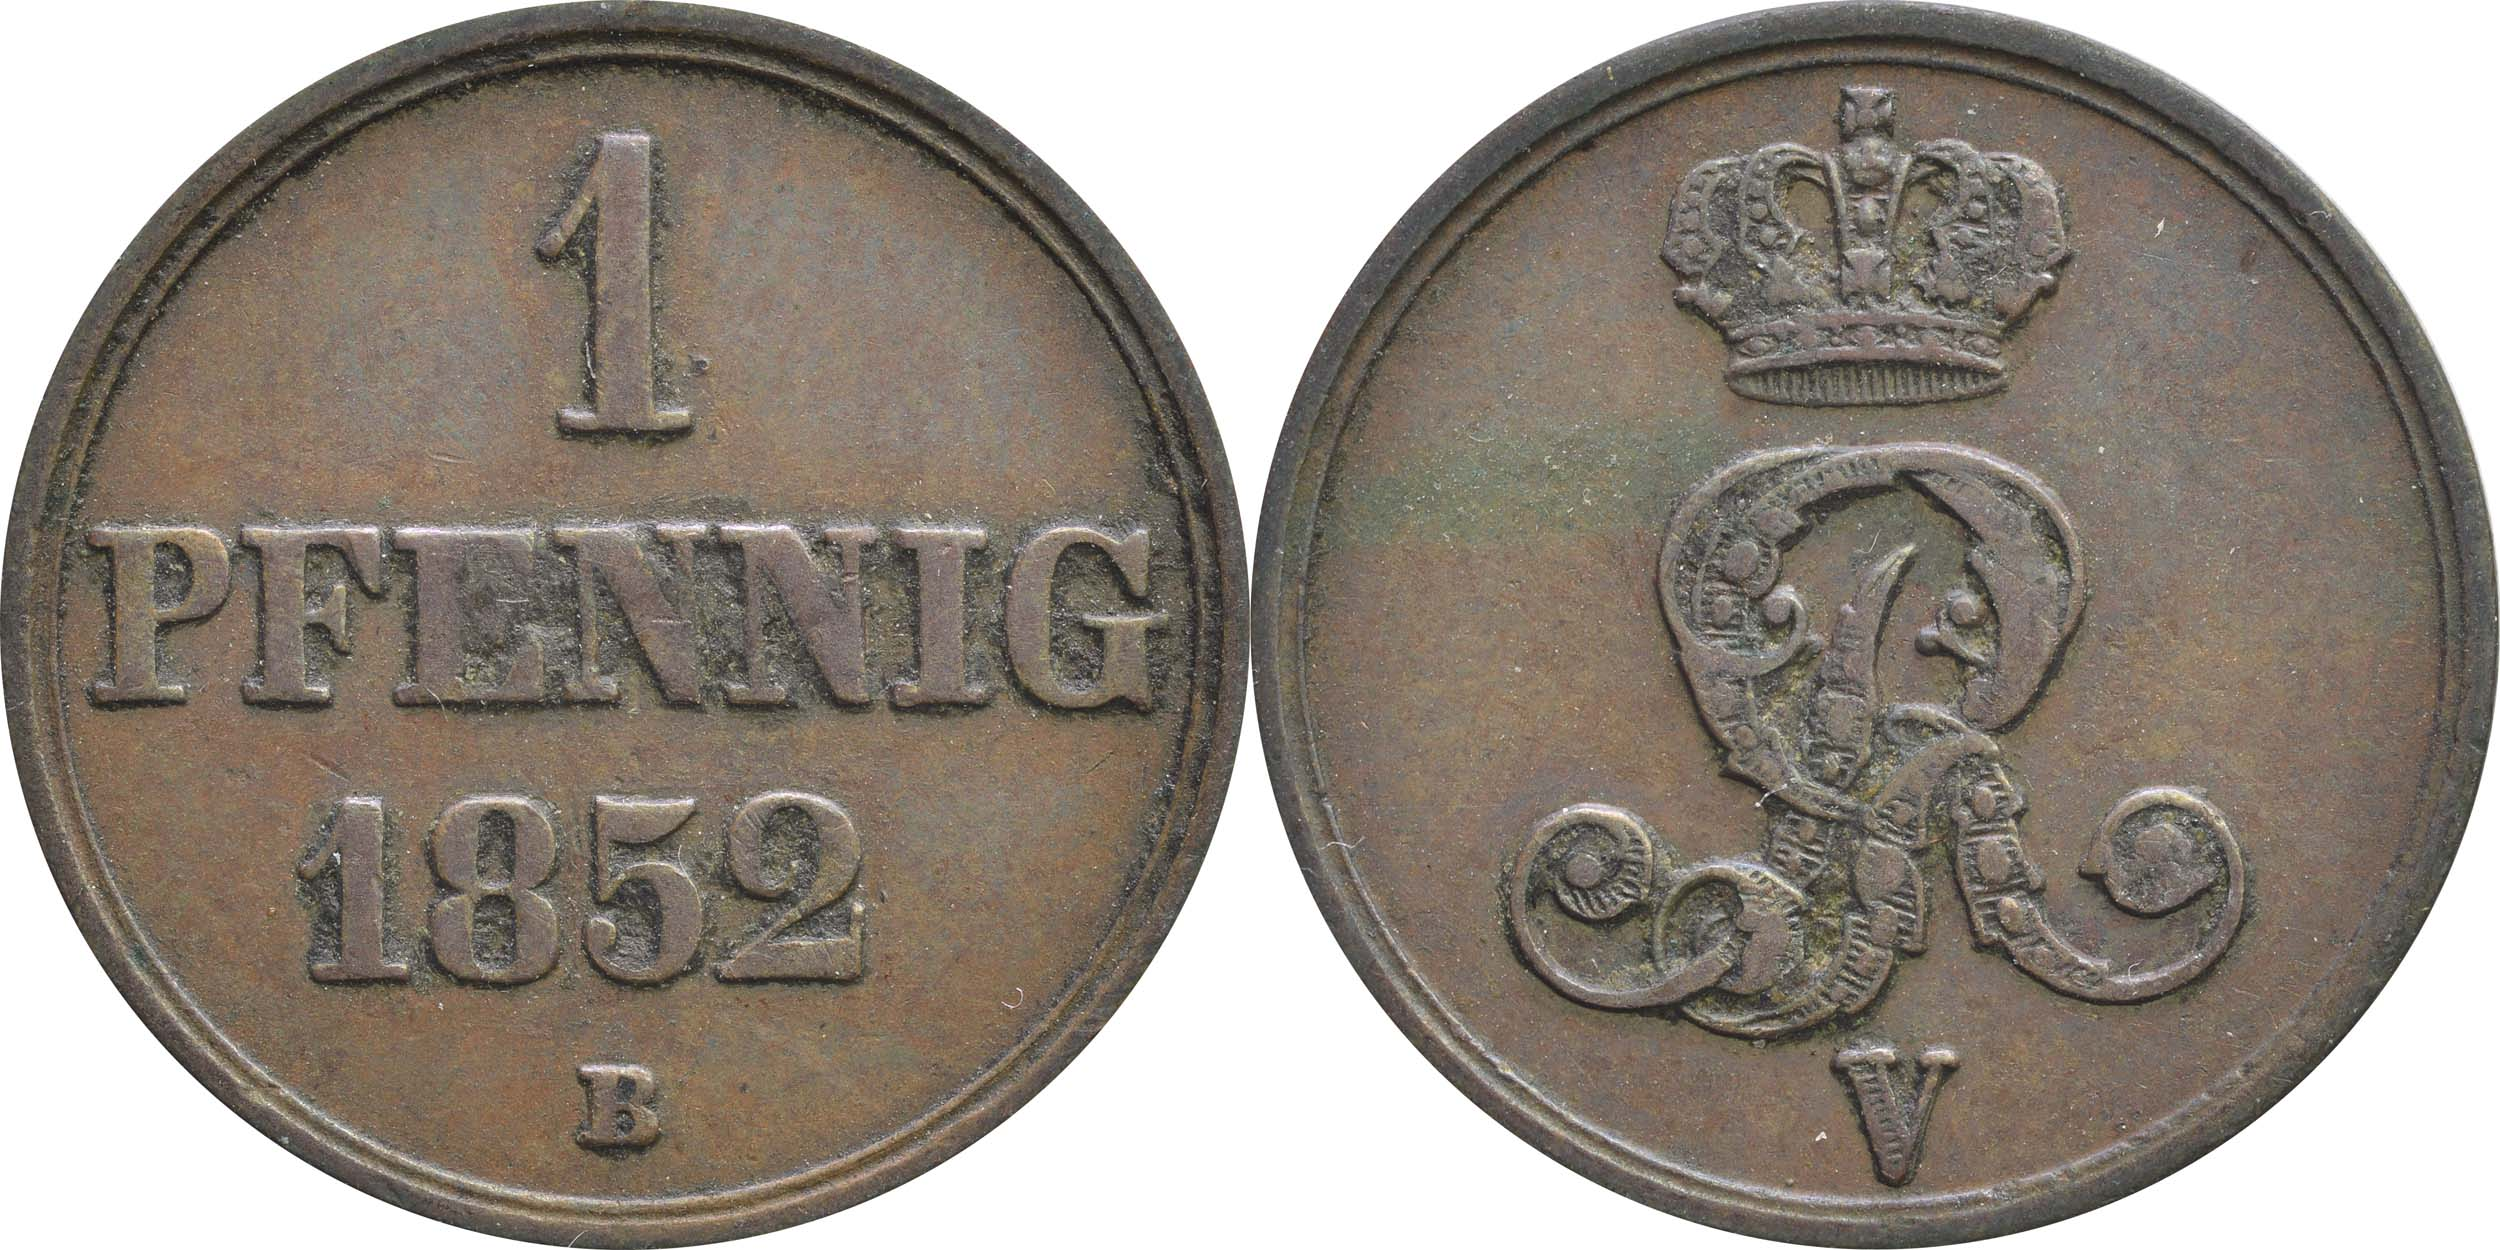 Lieferumfang:Deutschland : 1 Pfennig  -seltenes Jahr- 1852 vz.